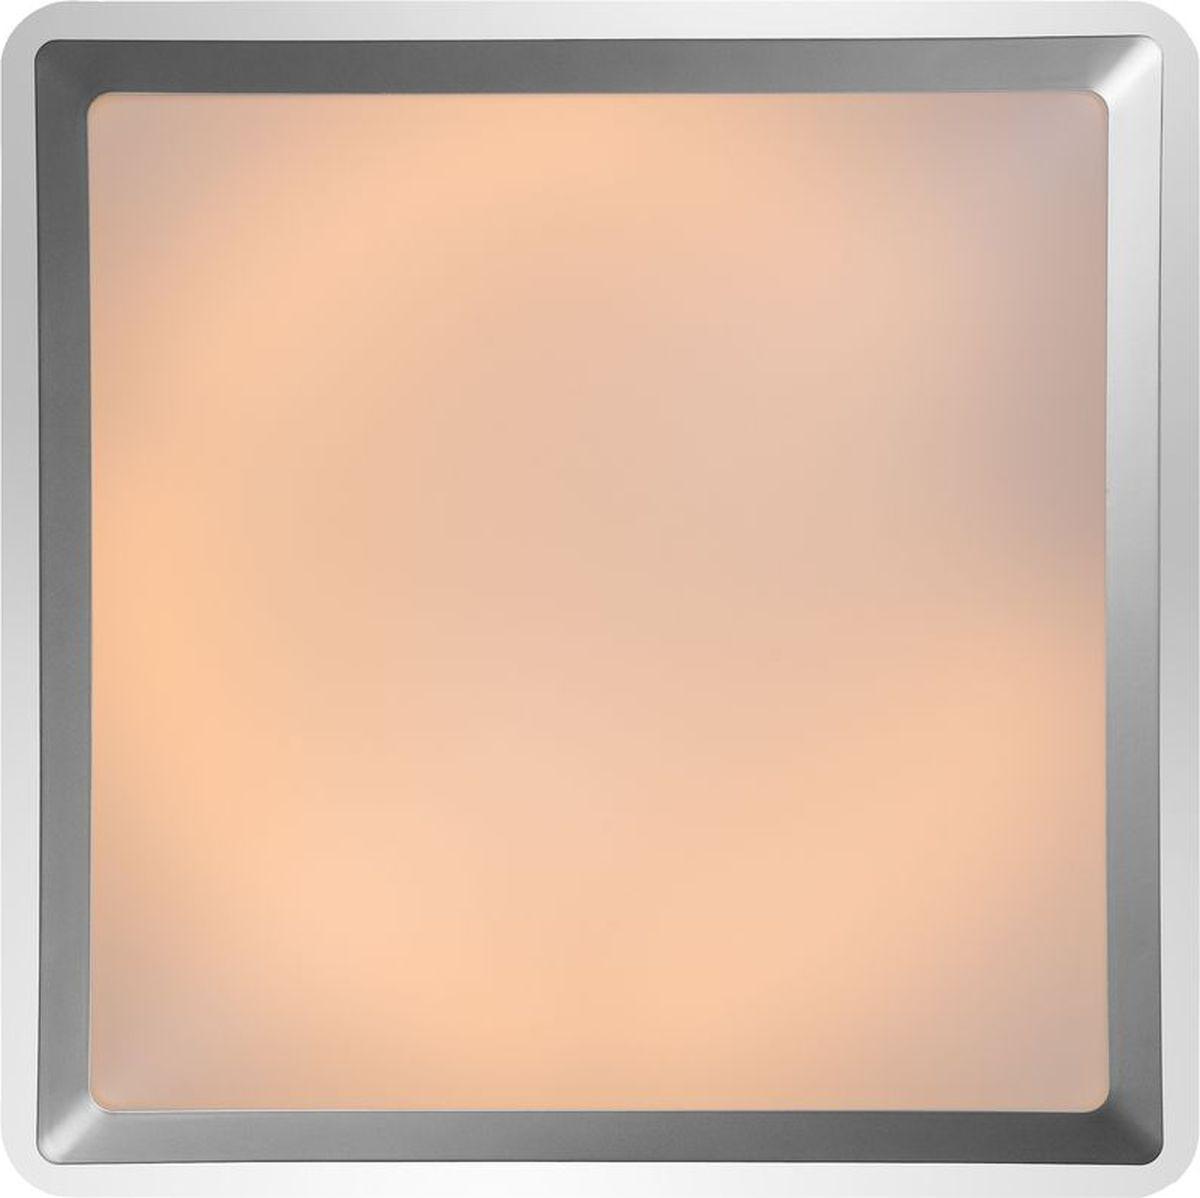 Светильник потолочный Lucide Gently, цвет: белый, G5, 50 Вт. 79156/32/1279156/32/12